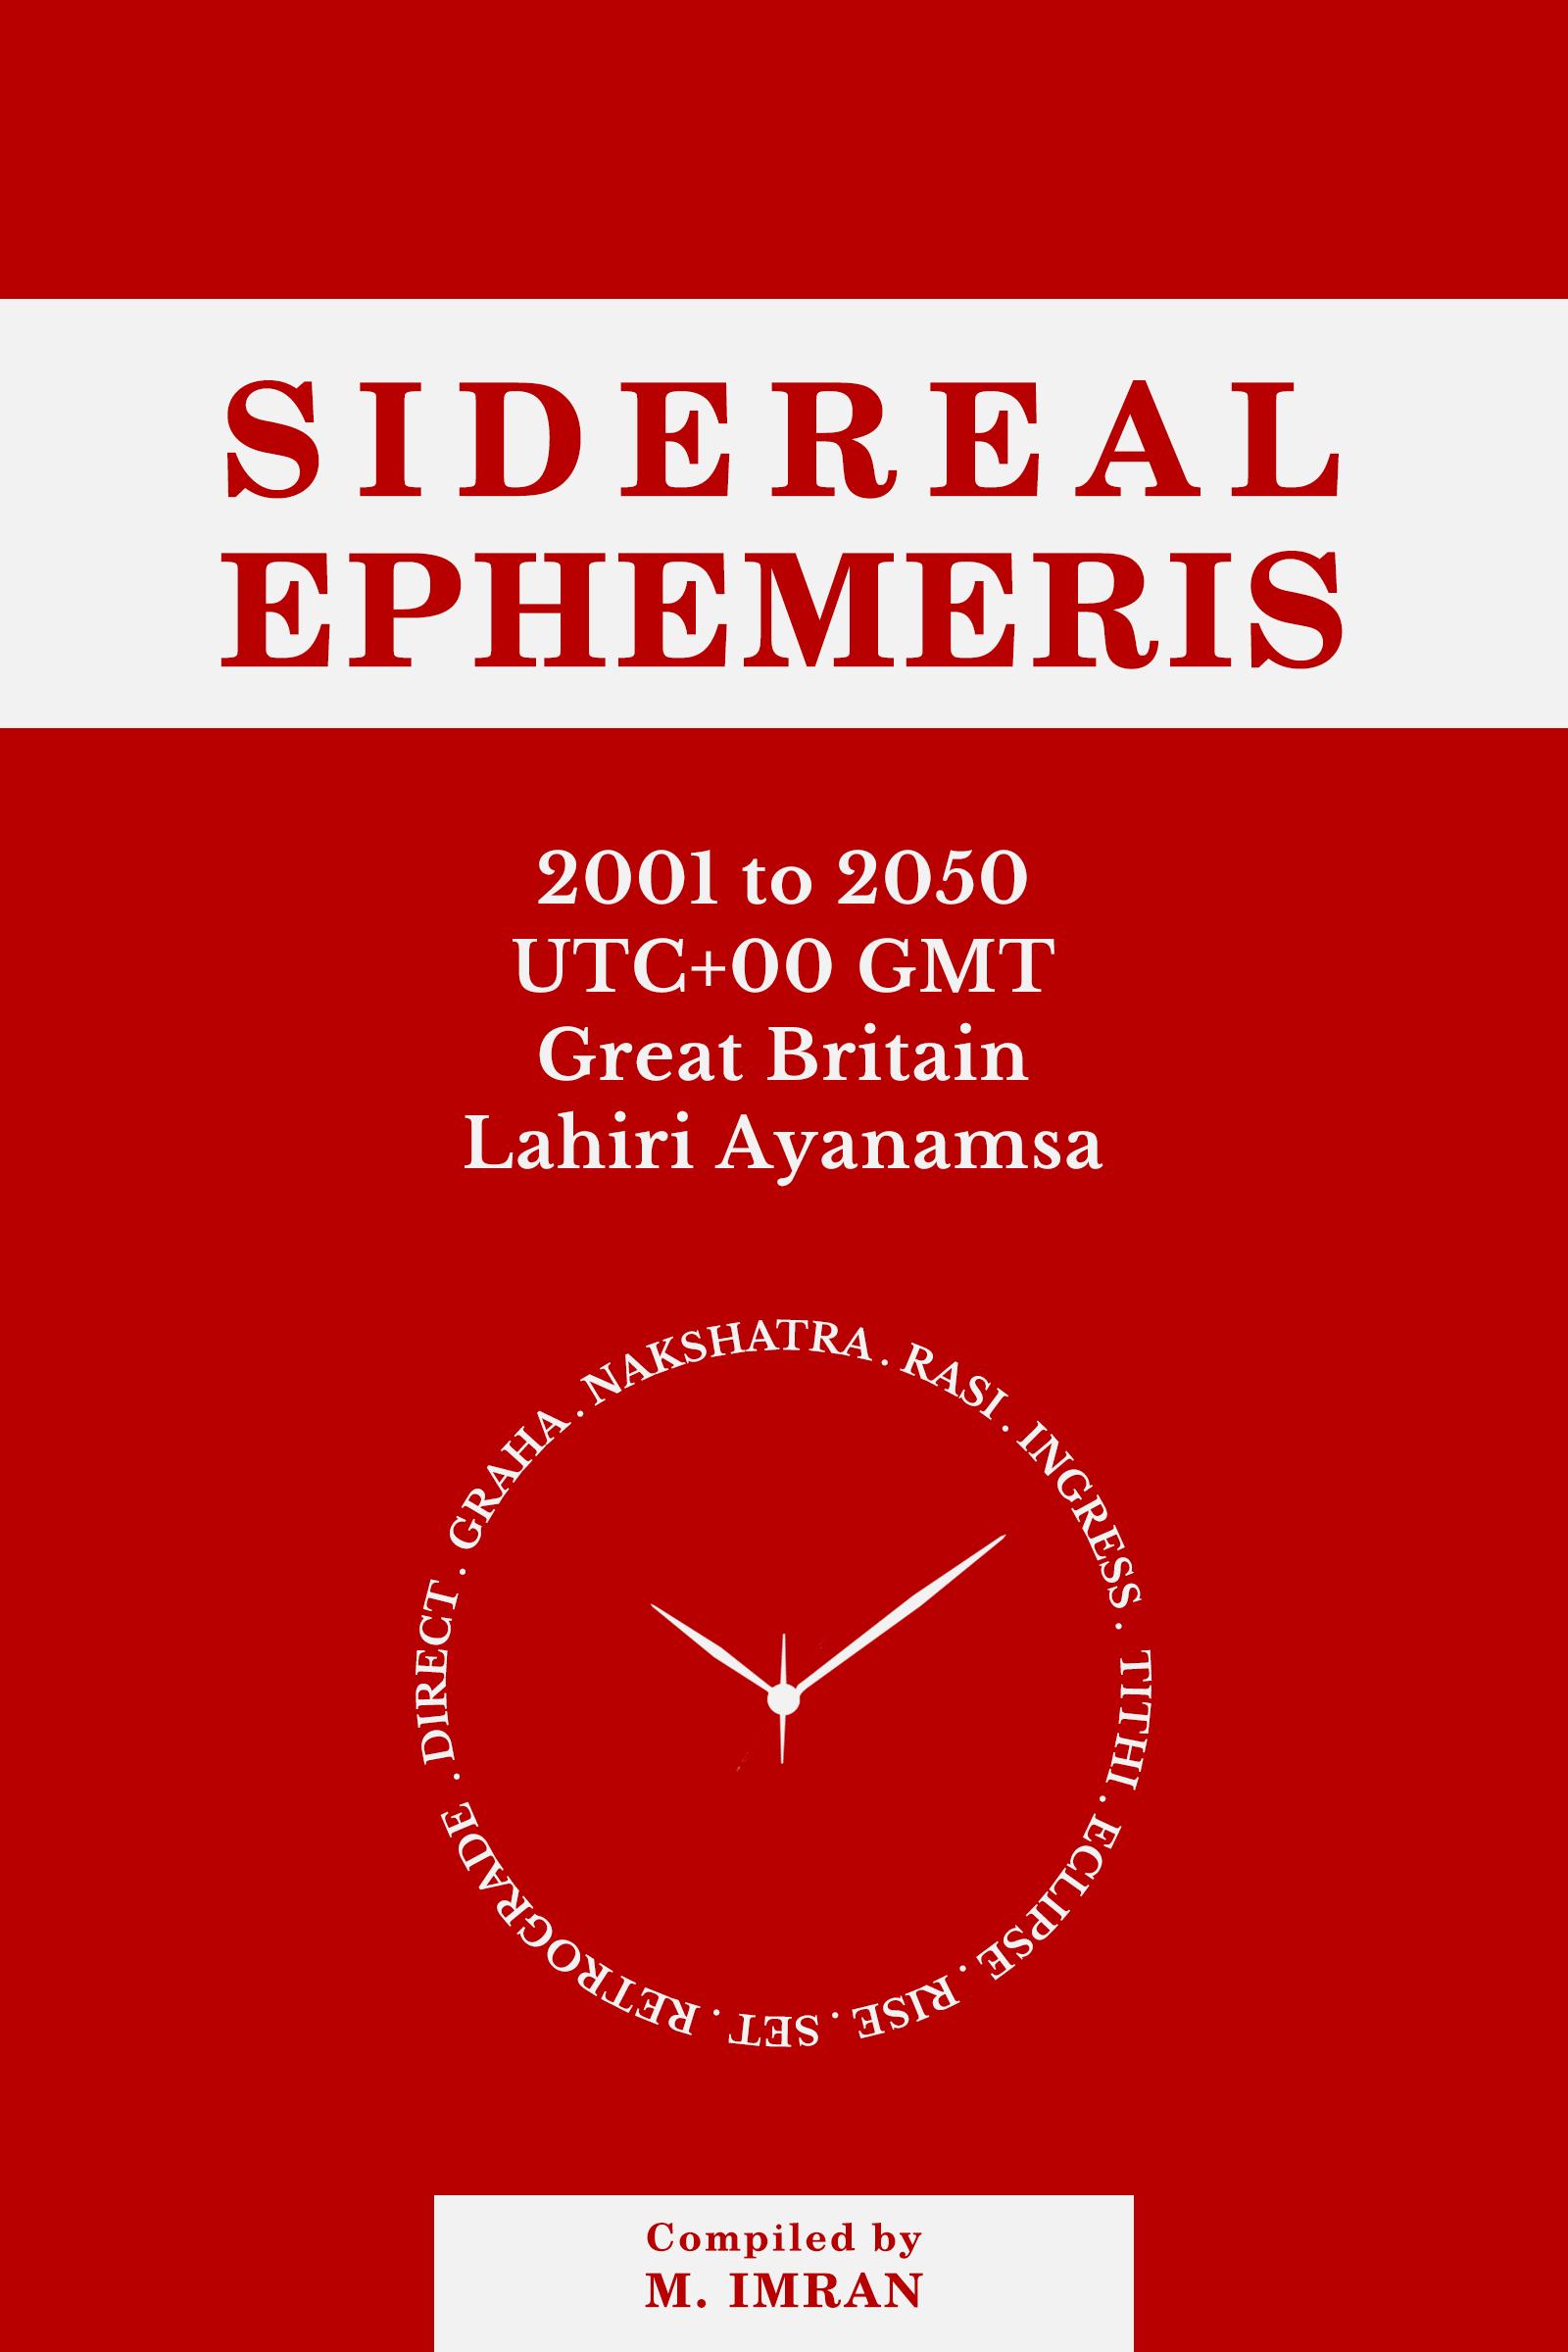 Sidereal Ephemeris